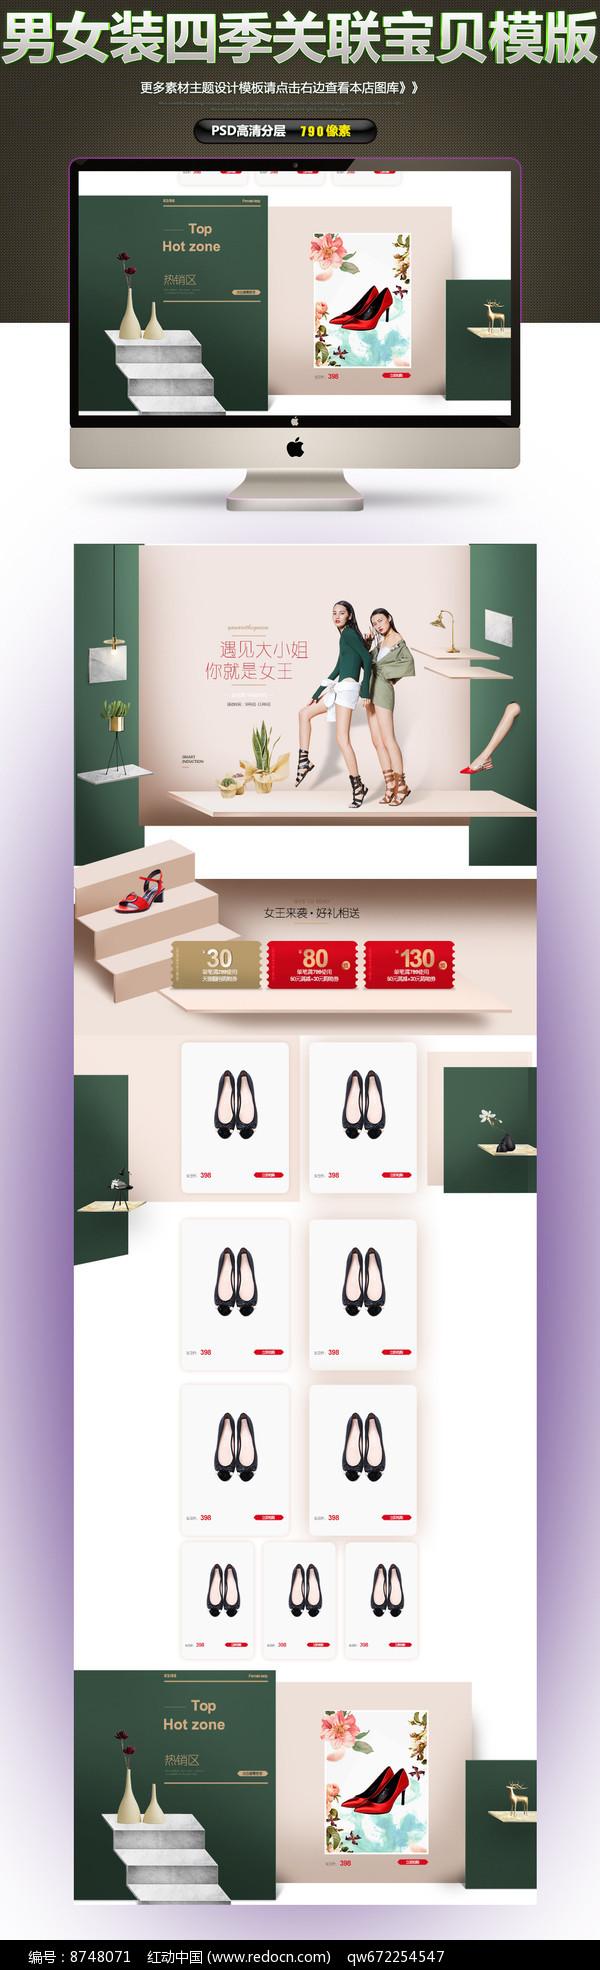 淘宝详情页女鞋促销关联海报图片